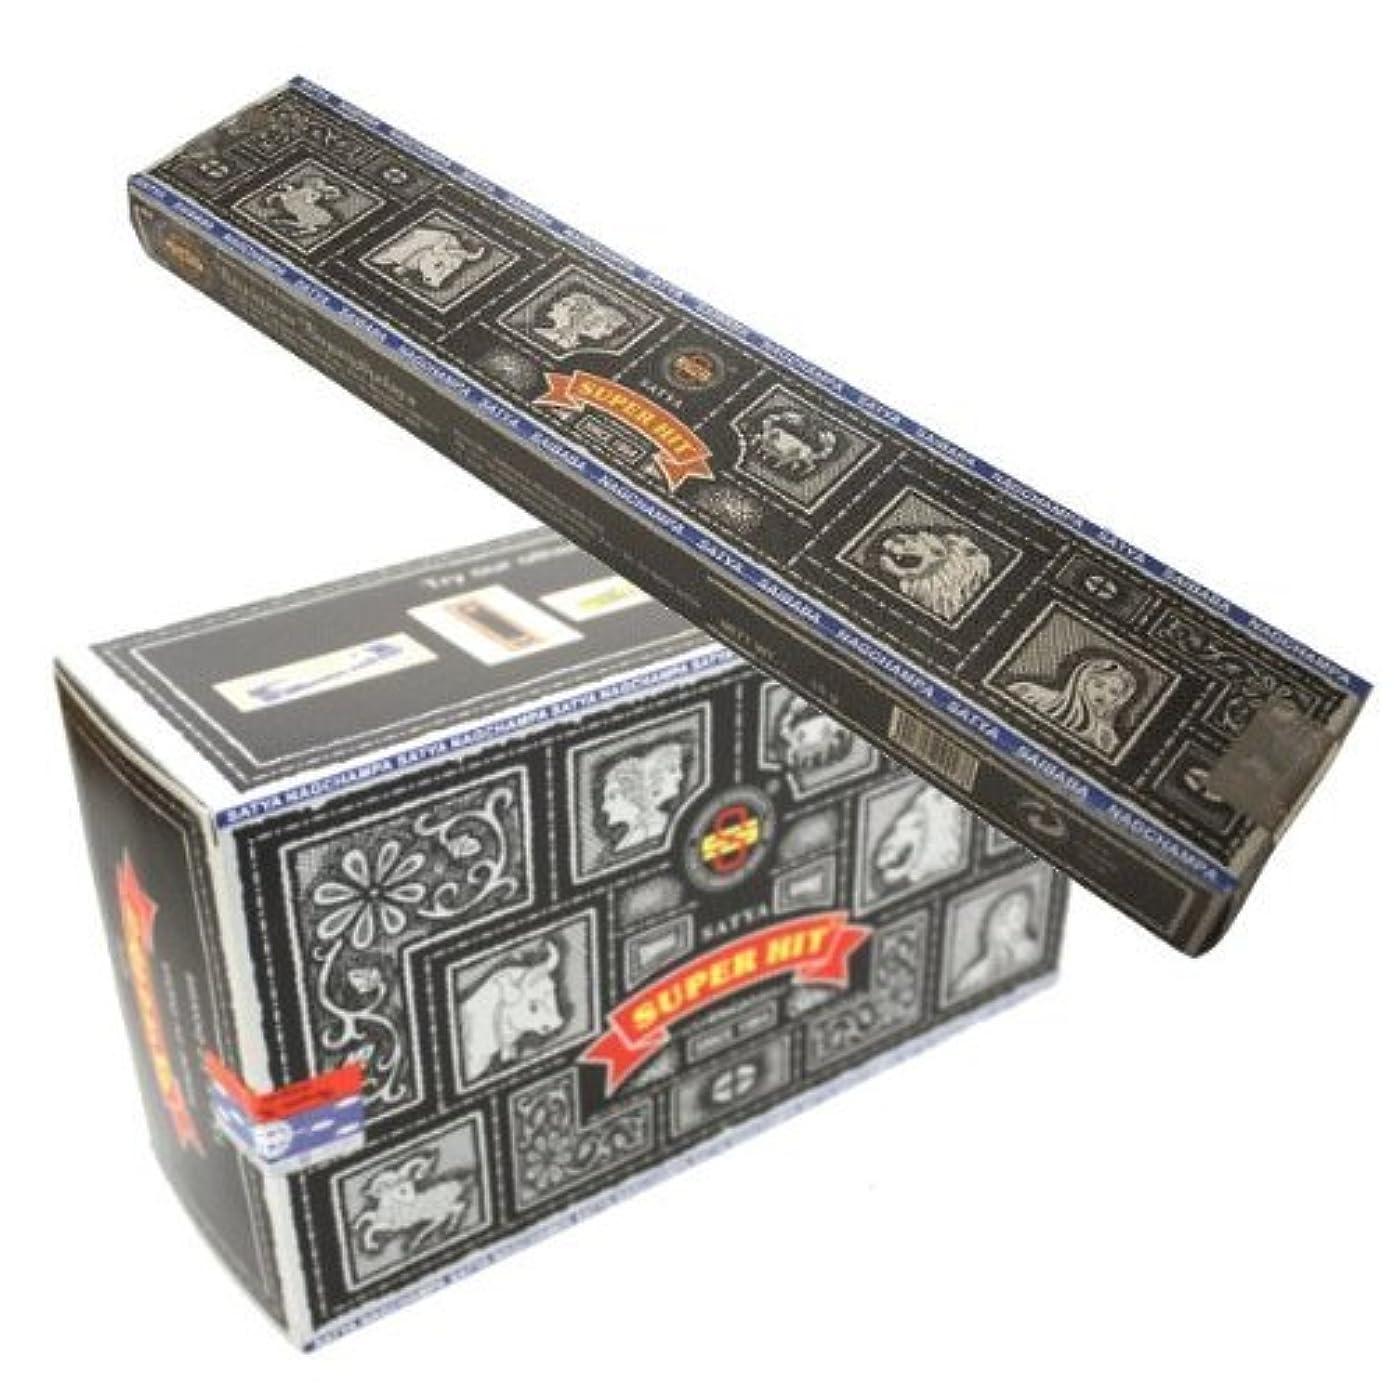 青死すべき素晴らしいSATYA スーパーヒット香 スティック 12箱セット SATYA SUPER HIT